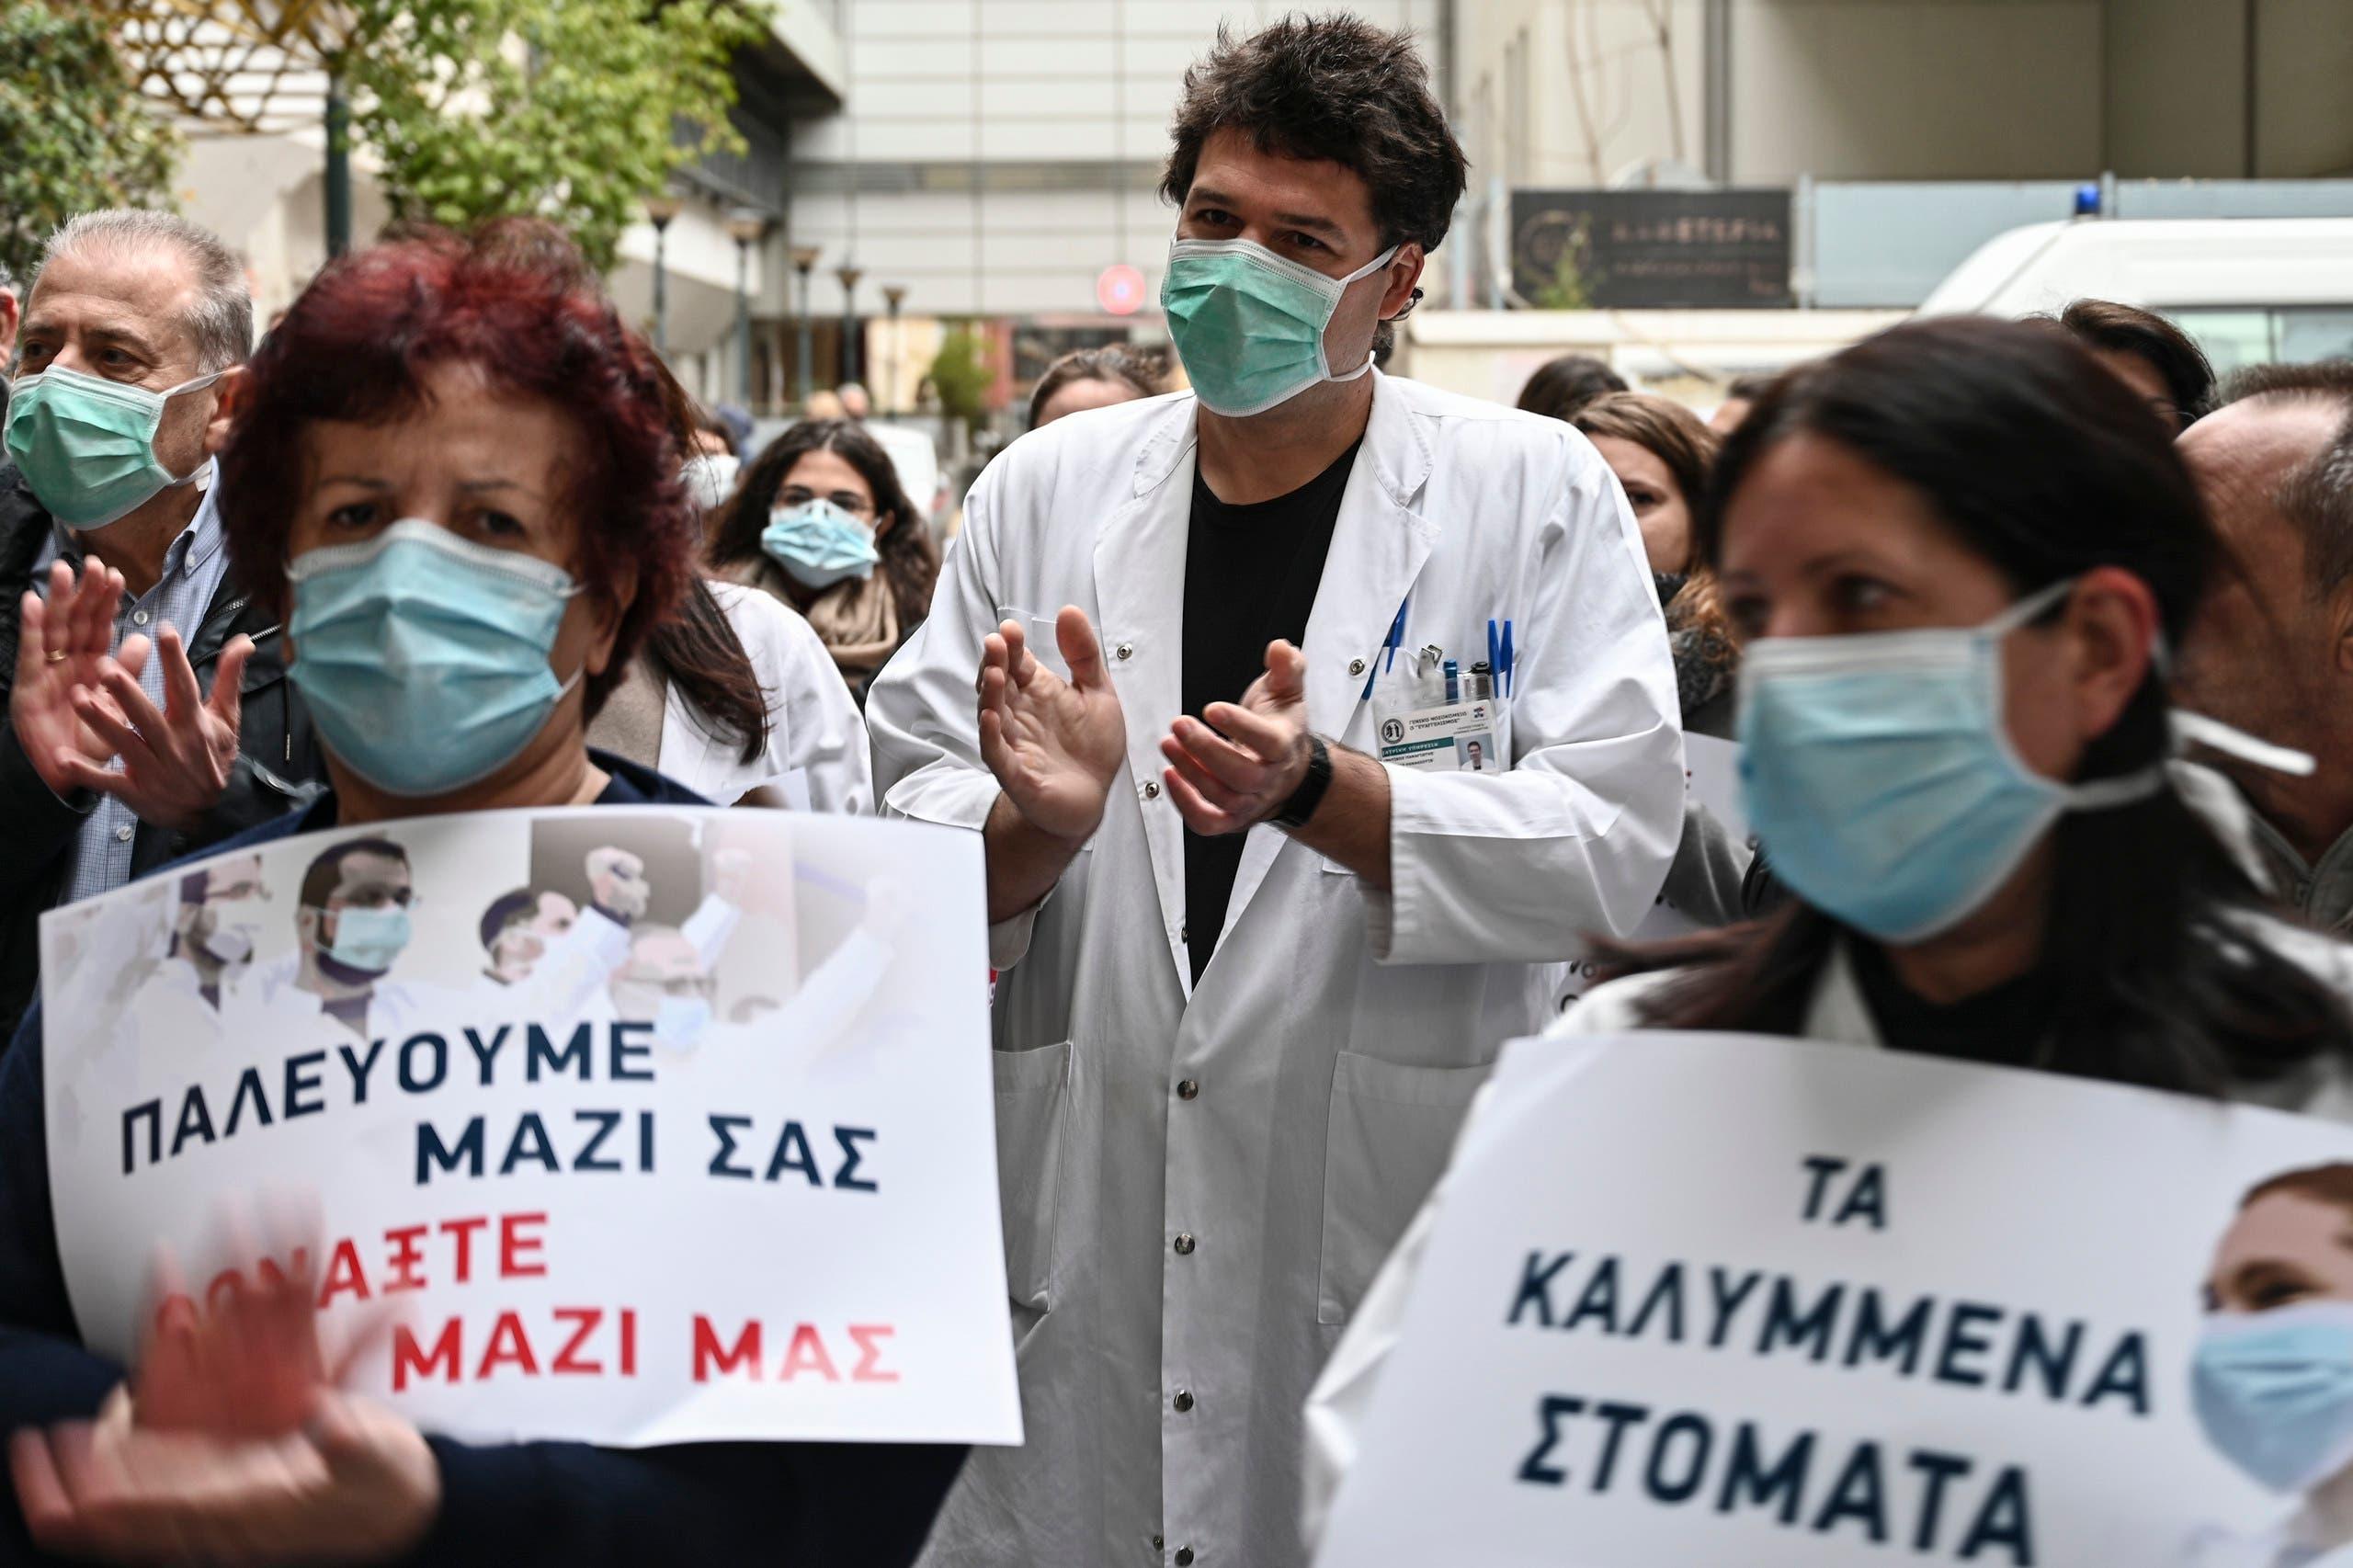 أطباء يتظاهرون في اليونان ( 7 أبريل 2020- فرانس برس)